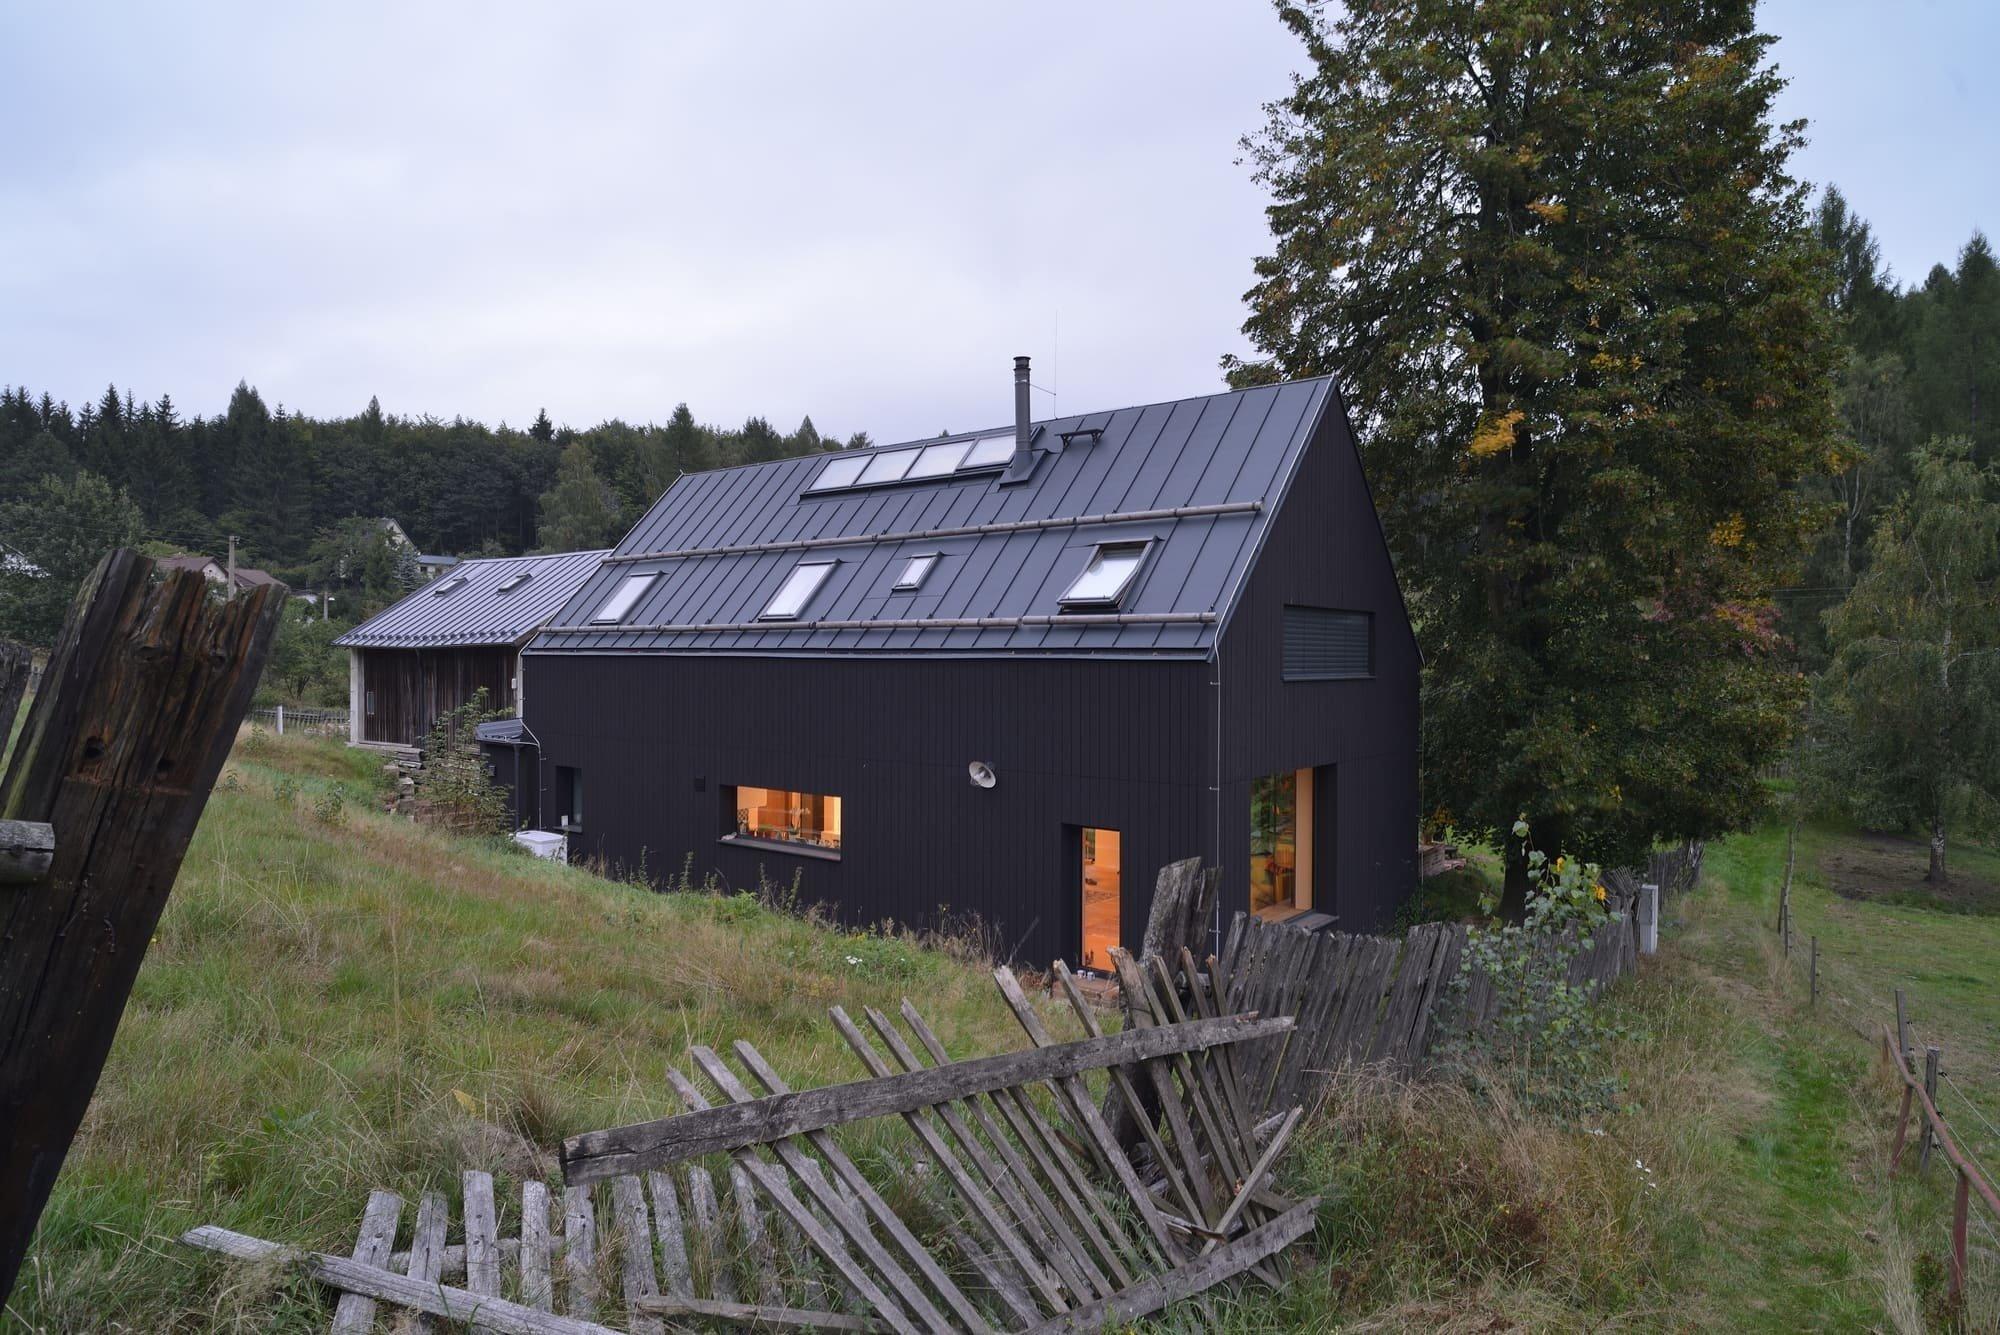 V malé osadě na severu Čech se zajímavě vyjímá černý dům posazený vedle stodoly. Tento nový rodinný dům dokončili na sklonku loňského roku profesionálové ze studia 3+1 architekti, kteří při realizaci vycházeli z původní stavby. Na tomto krásném pozemku střeženém vysokou lípou a zástupem slunečnic tak vzniklo originální bydlení plné světla a invence.